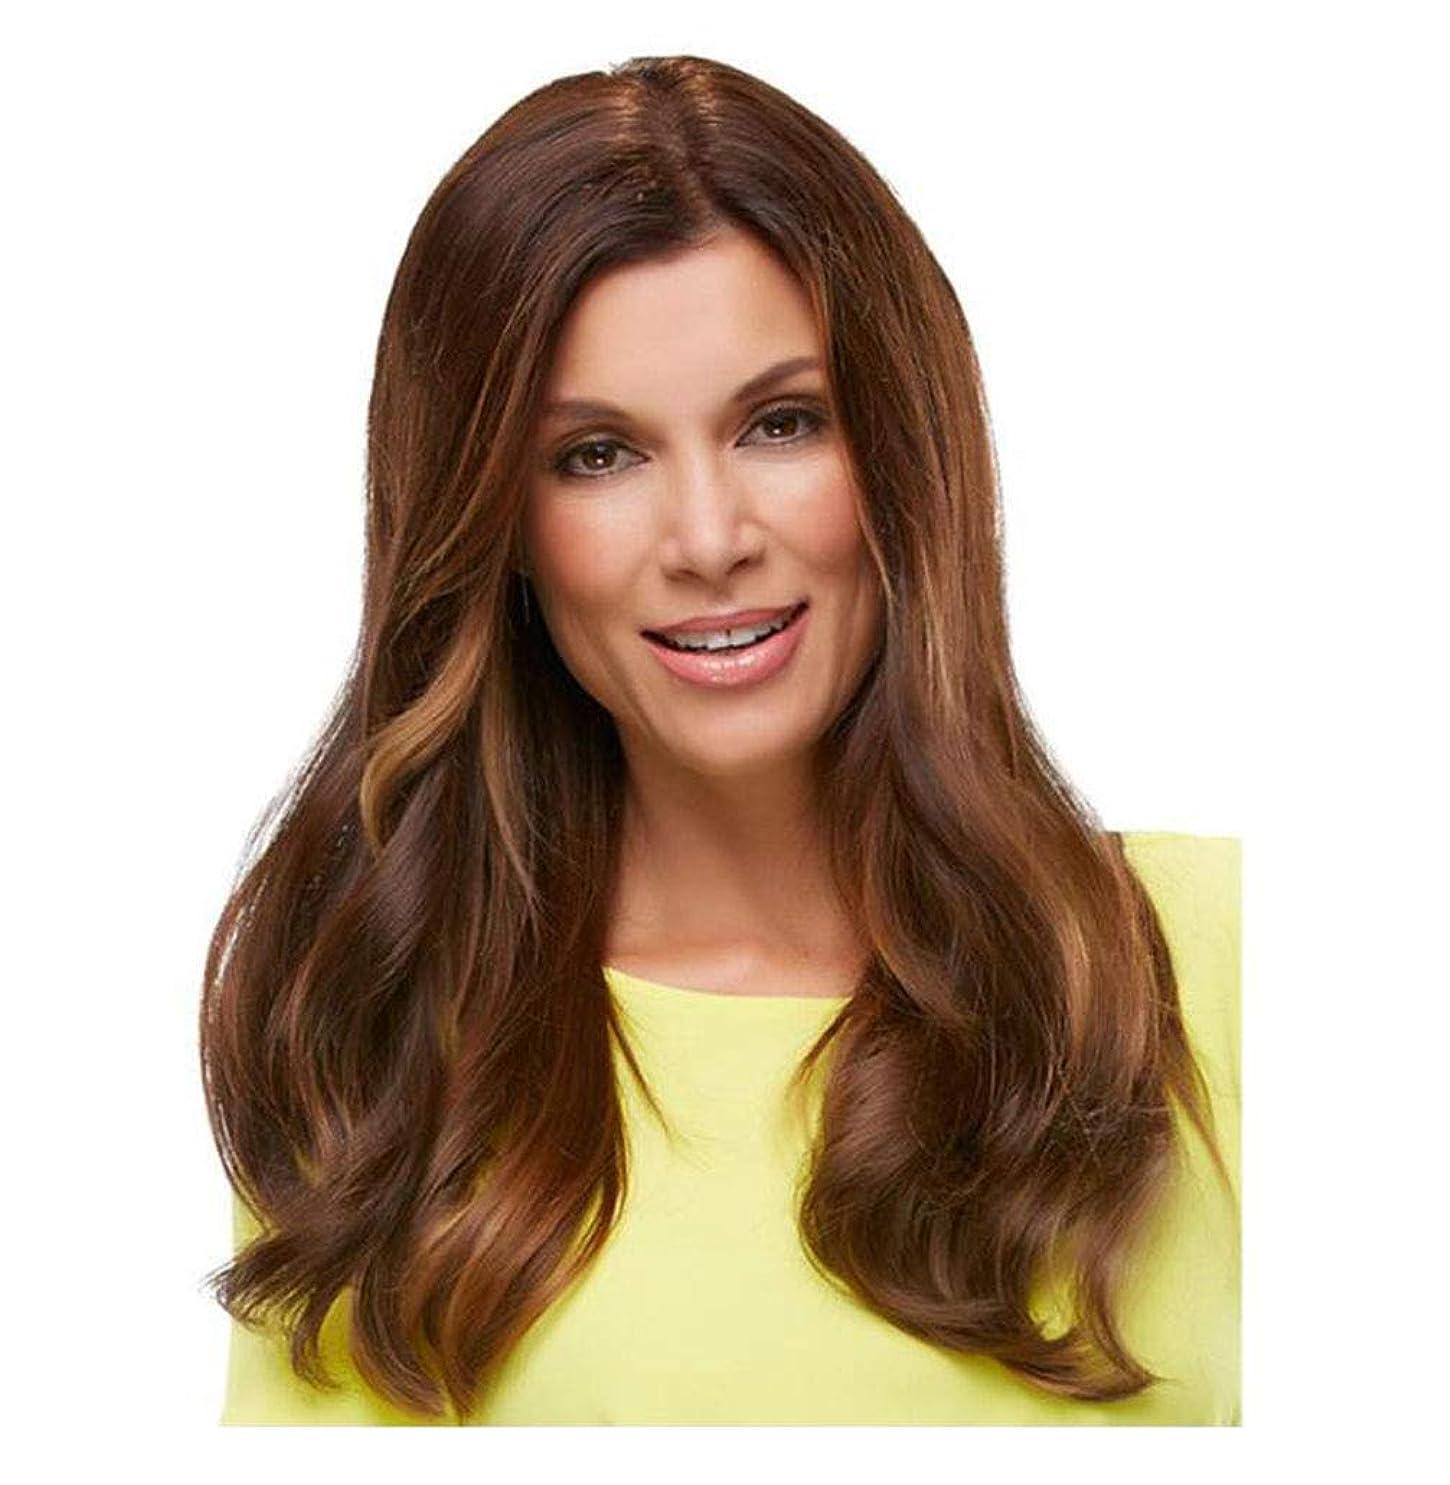 揺れる細胞瞑想的かつら長い巻き毛のような 女性のための耐熱性 - 日常的な摩耗やコスチュームウィッグのための自然な探している完全な頭髪の交換